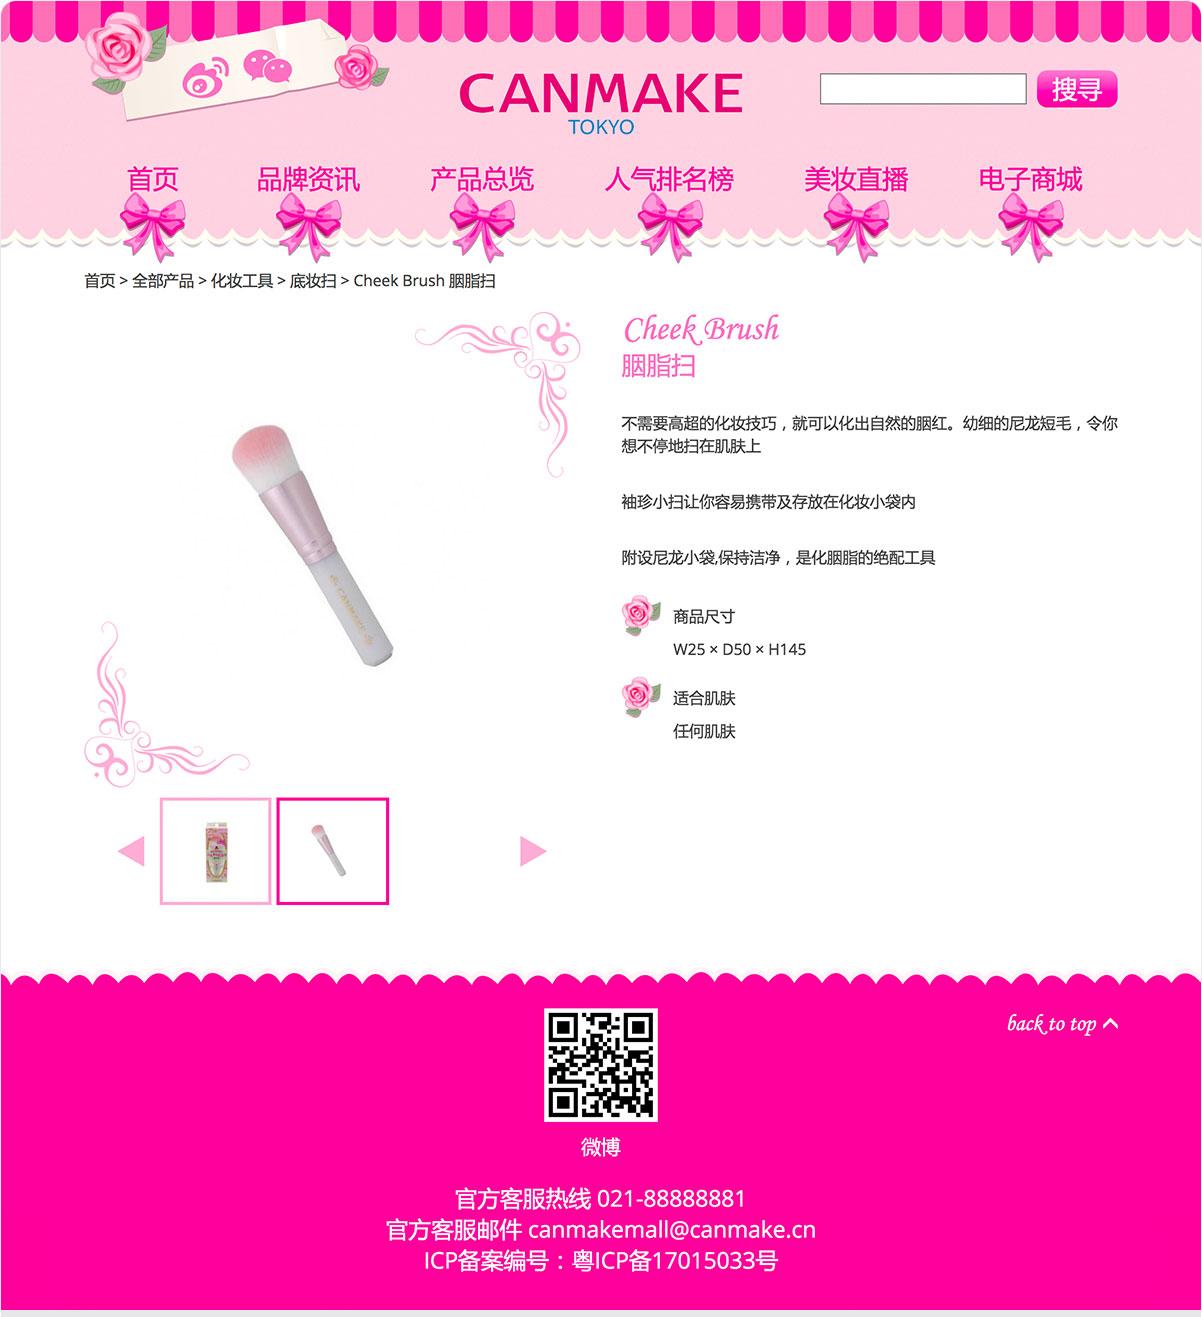 Canmake 中國官方網站